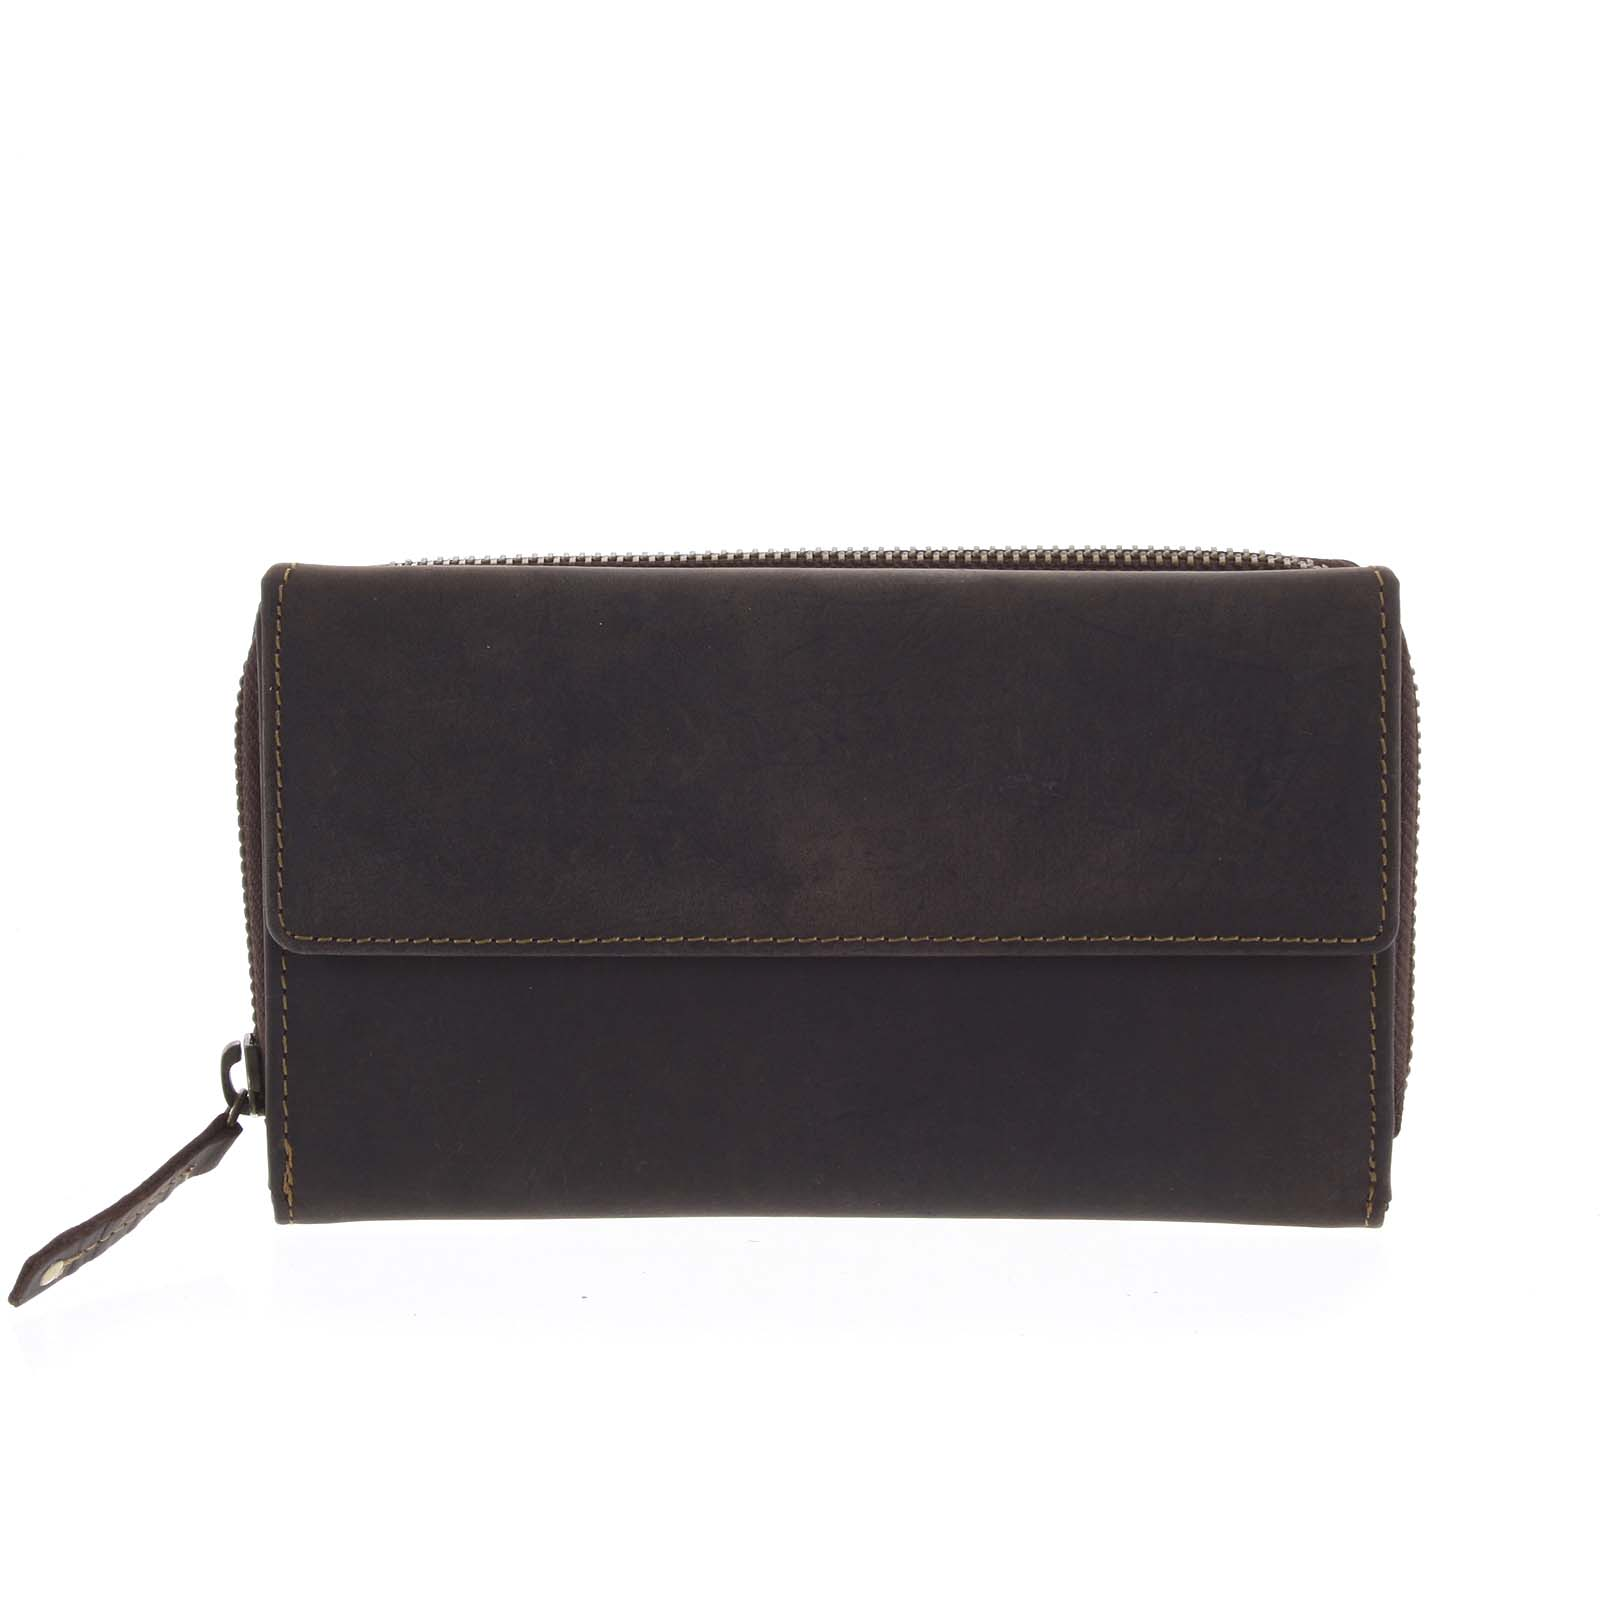 Dámská kožená peněženka tmavě hnědá - Tomas Menmaiya